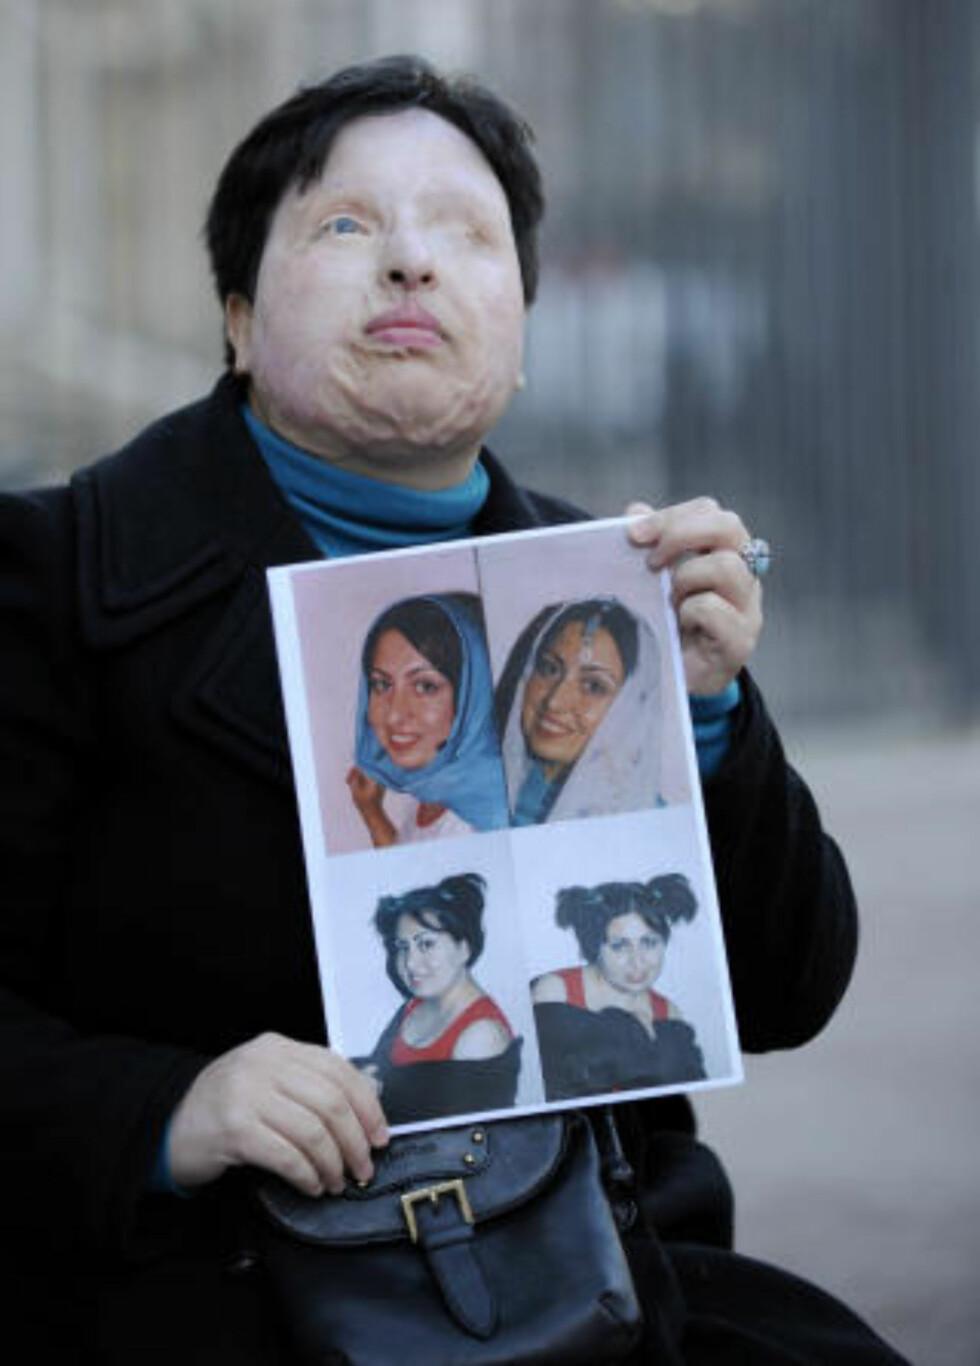 VILLE IKKE GIFTE SEG: Ameneh Bahrami vil at mannen skal få sin straff, slik at ikke flere kvinner opplever det samme som henne. Foto: AFP Photo/LLUIS GENE/Scanpix